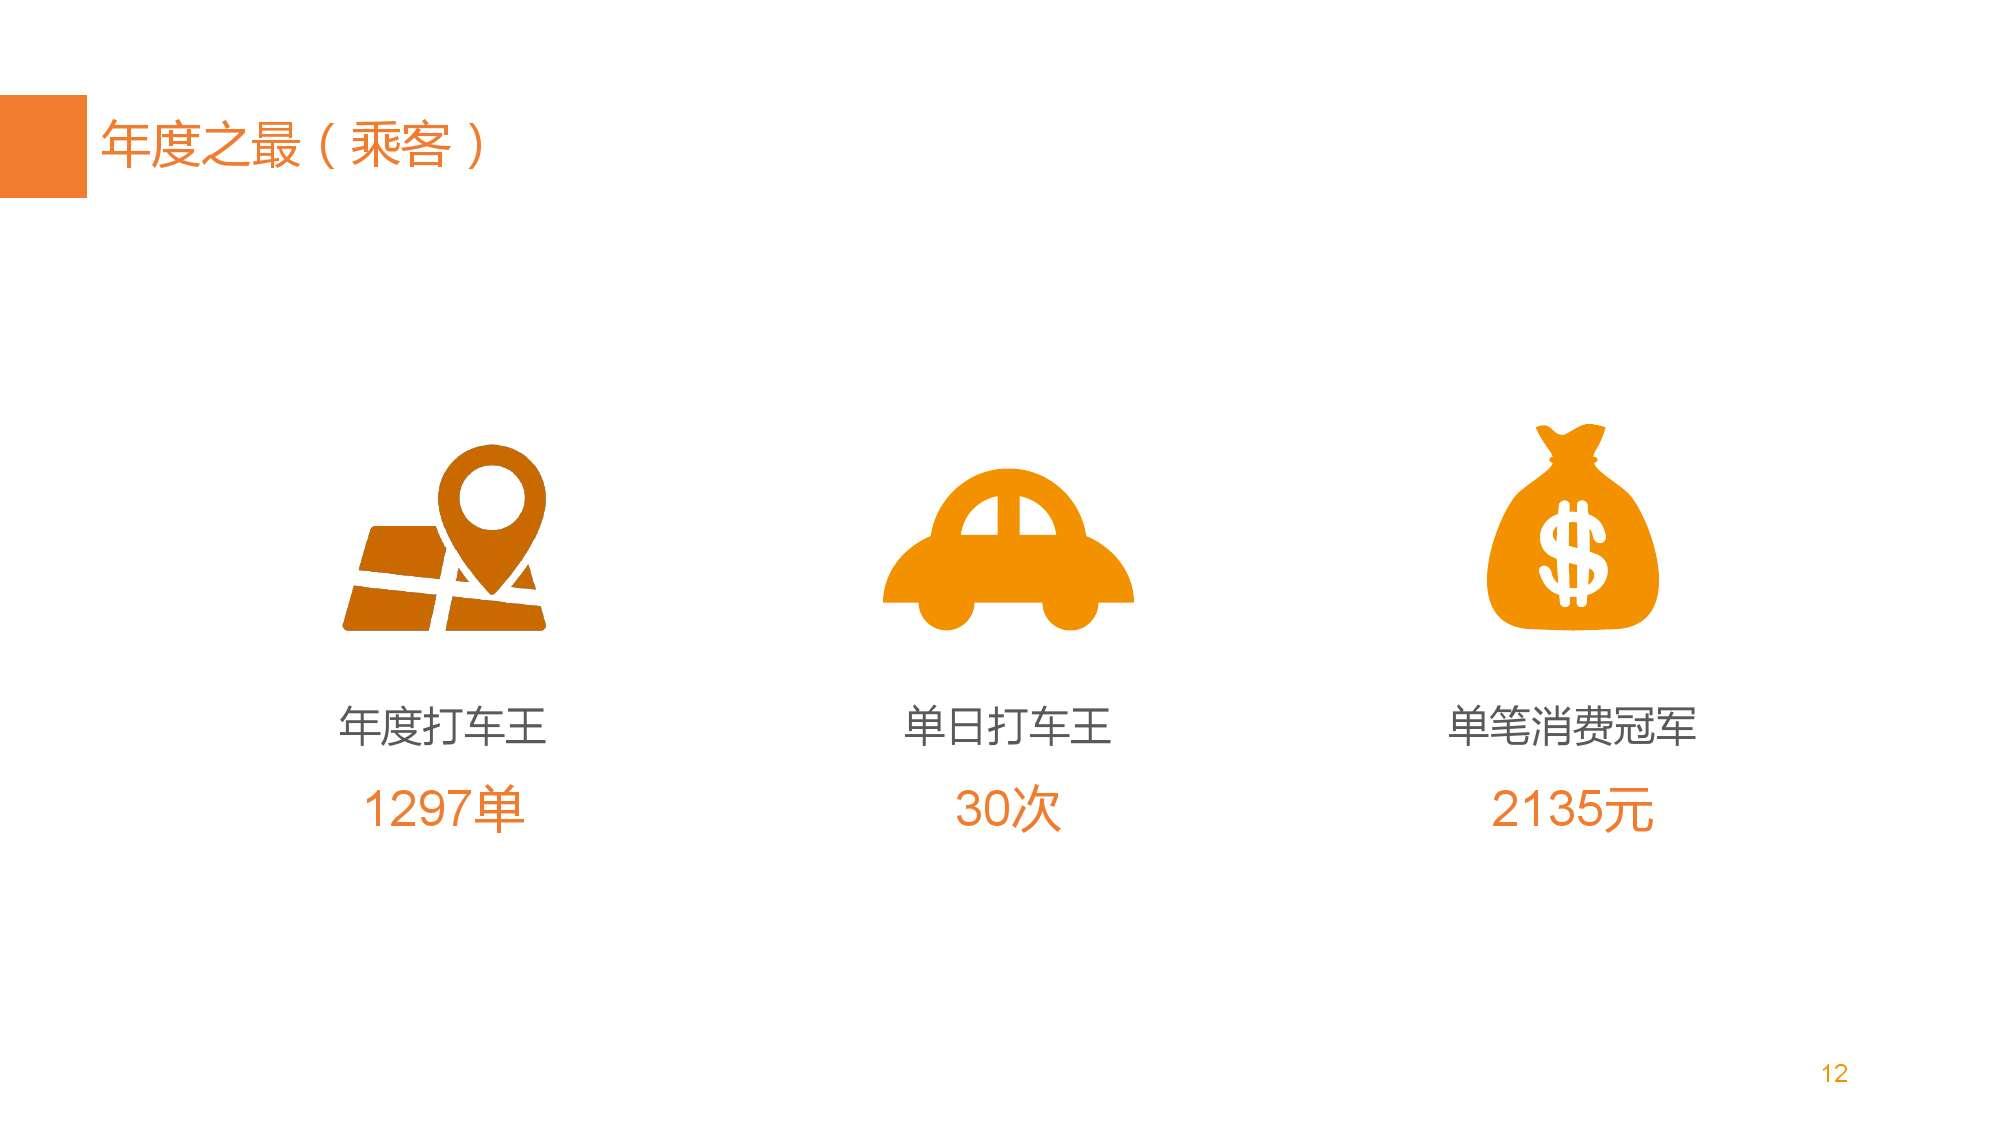 中国智能出行2015大数据报告_000012